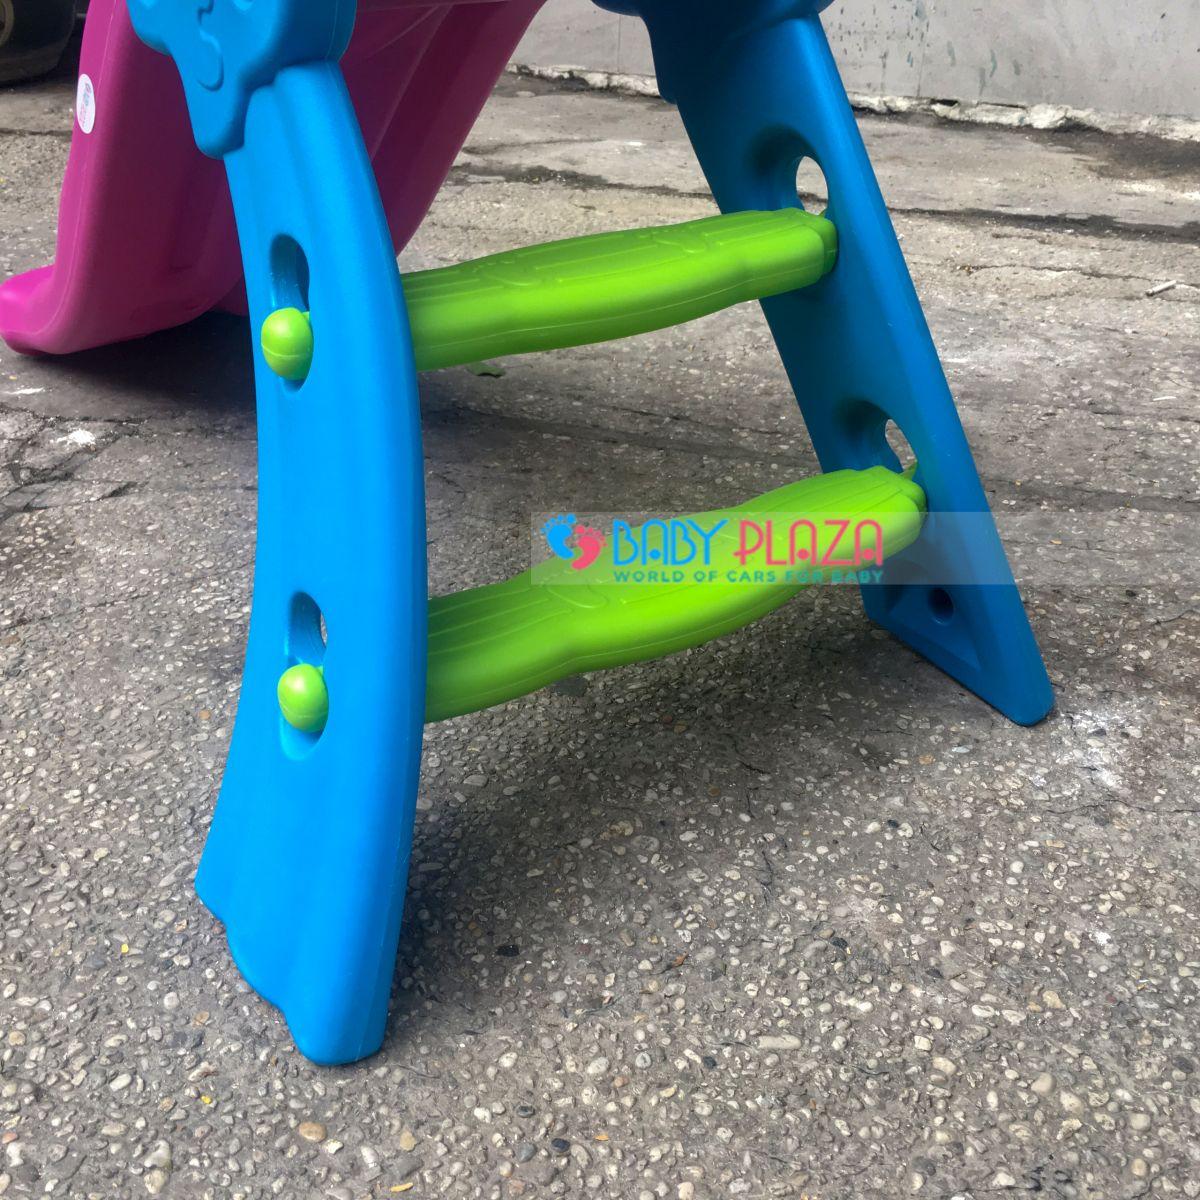 bộ cầu tuột chơi trong nhà cho bé